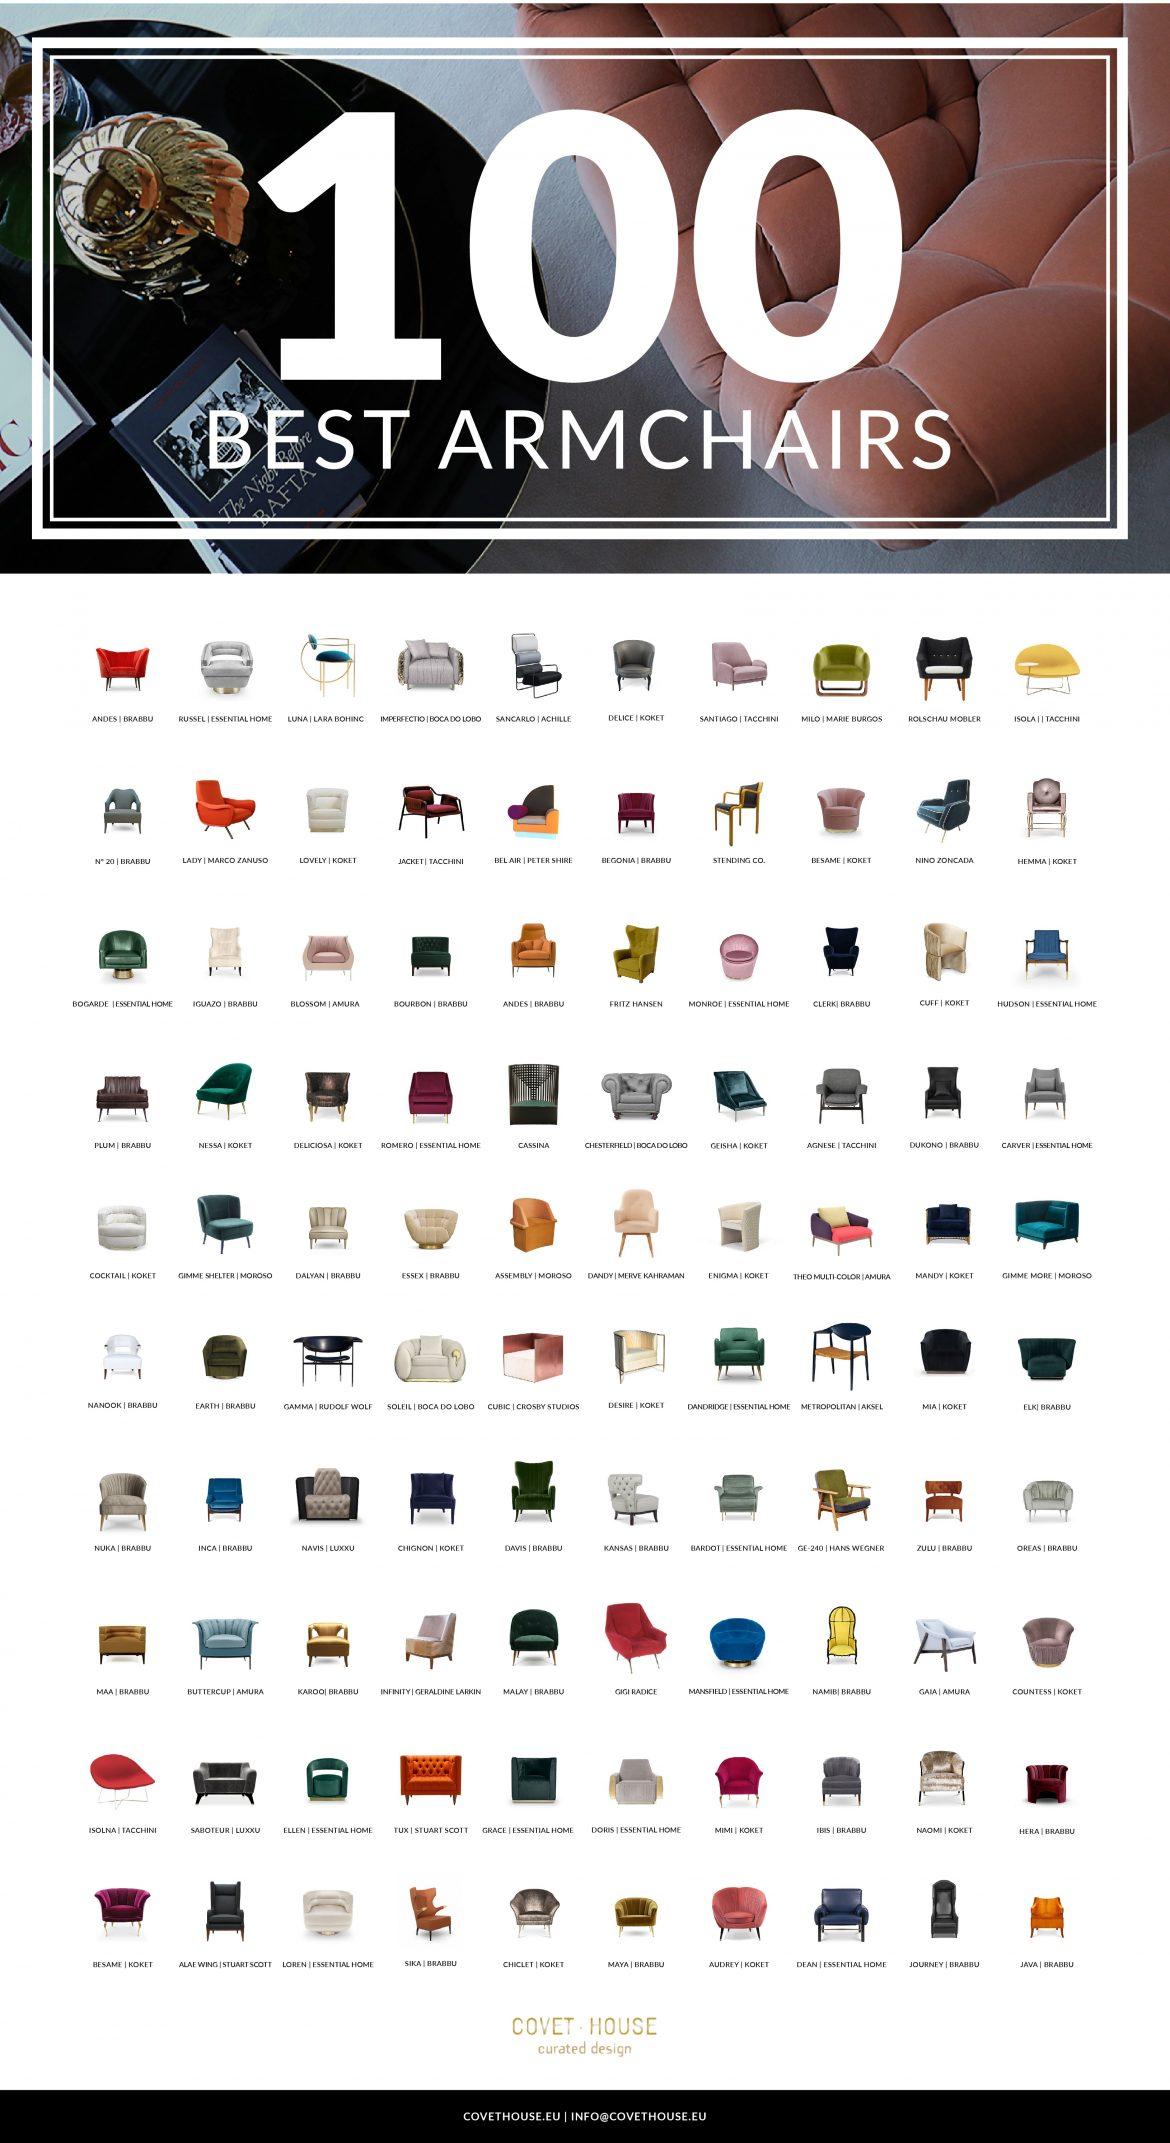 100 Beste Moderne Sessel für Ihr Wohnzimmer moderne sessel 100 Beste Moderne Sessel für Ihr Wohnzimmer 100 best armchairs 001